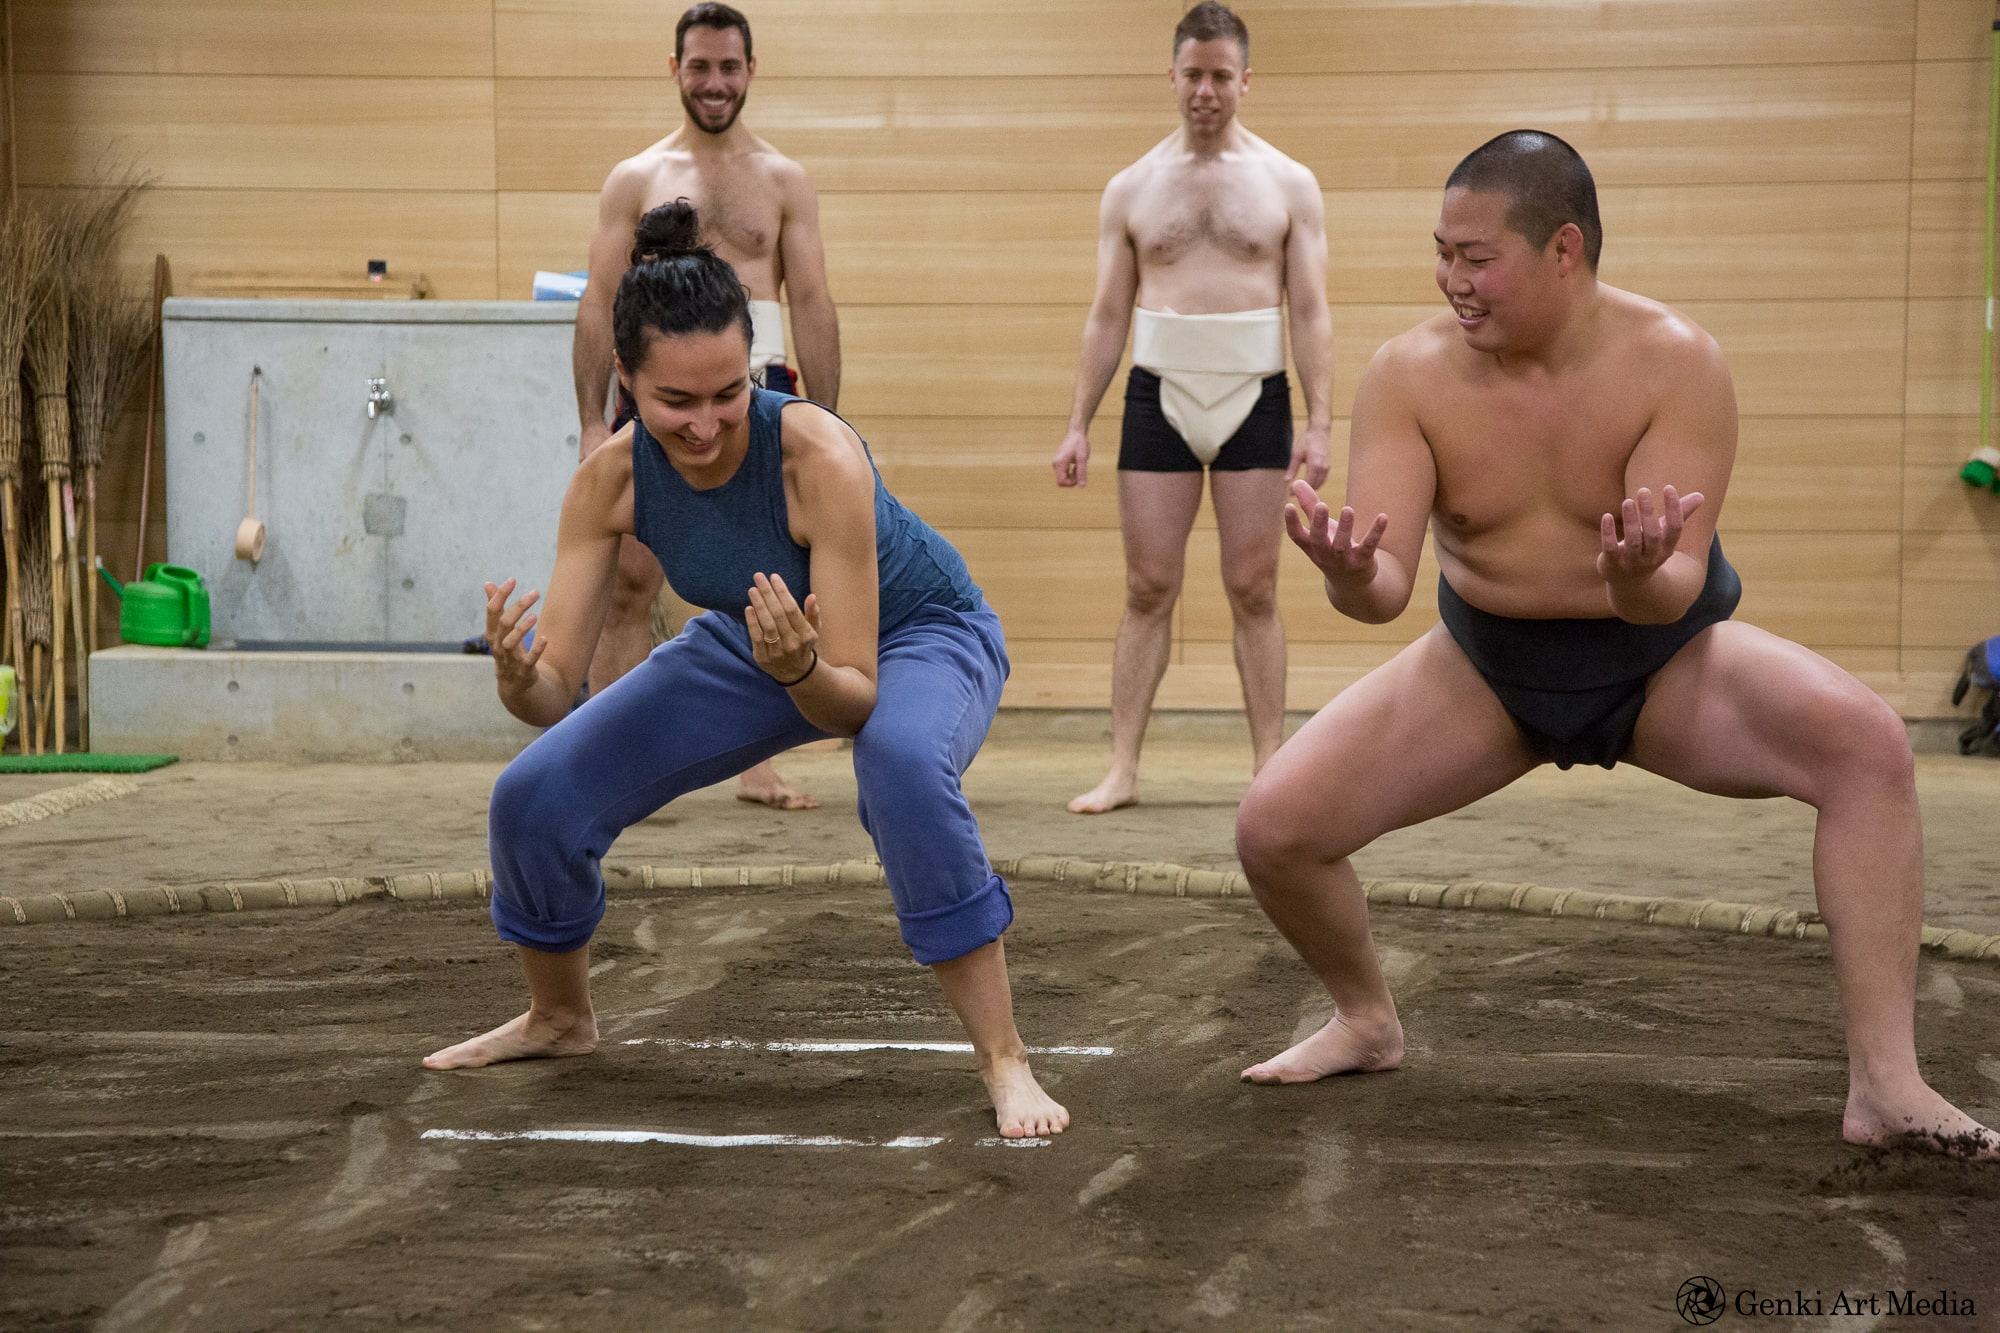 東京/三鷹/相撲】元大相撲力士と土俵で相撲体験! THE GATE 日本の ...